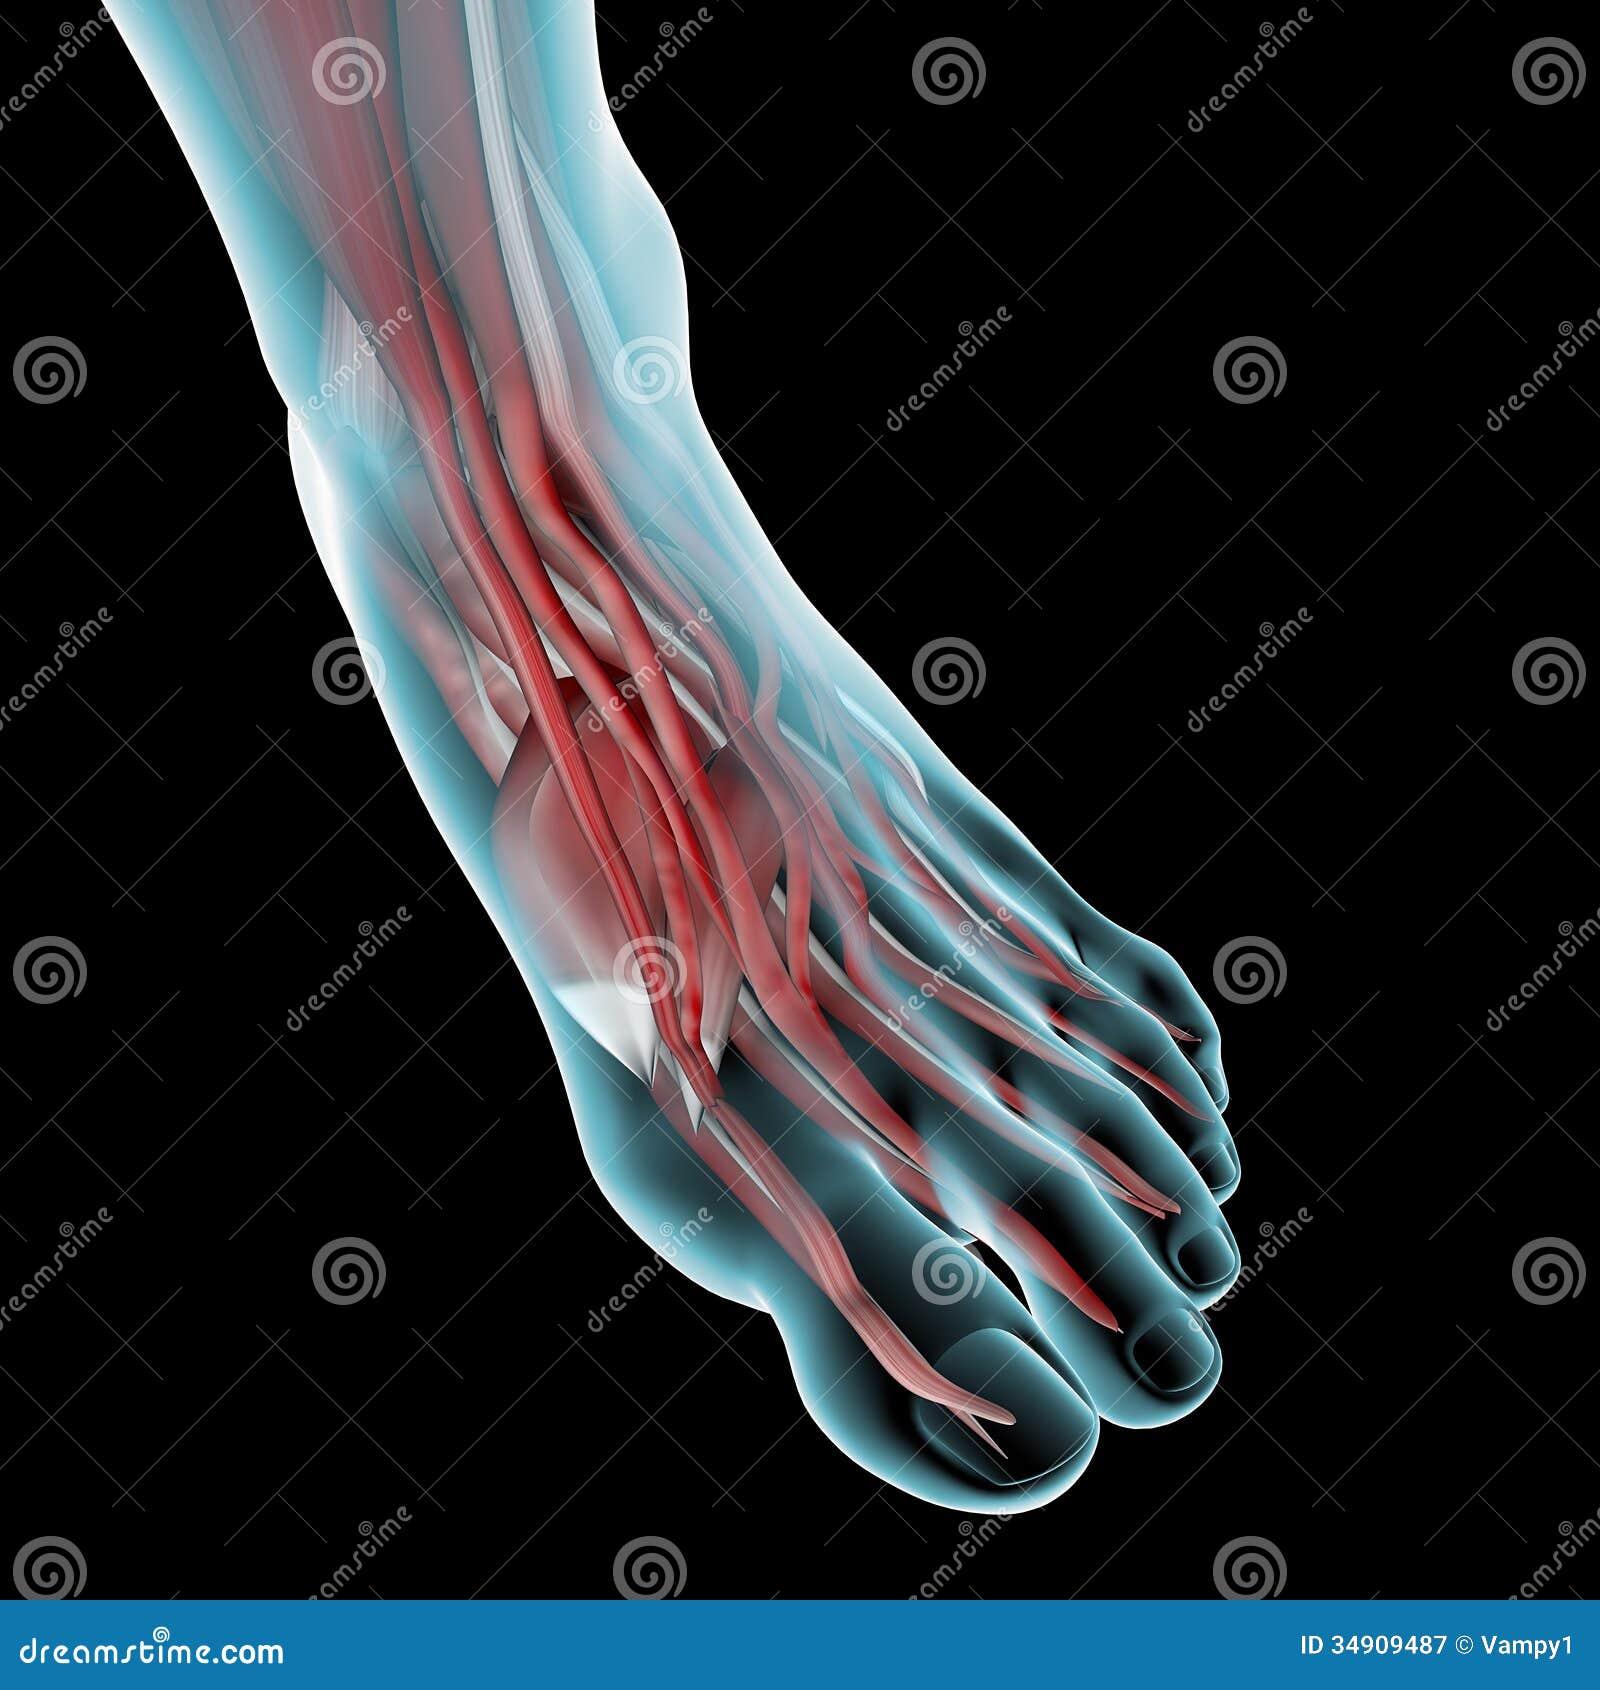 Foot Muscle Anatomy Illustration Stock Illustration Illustration